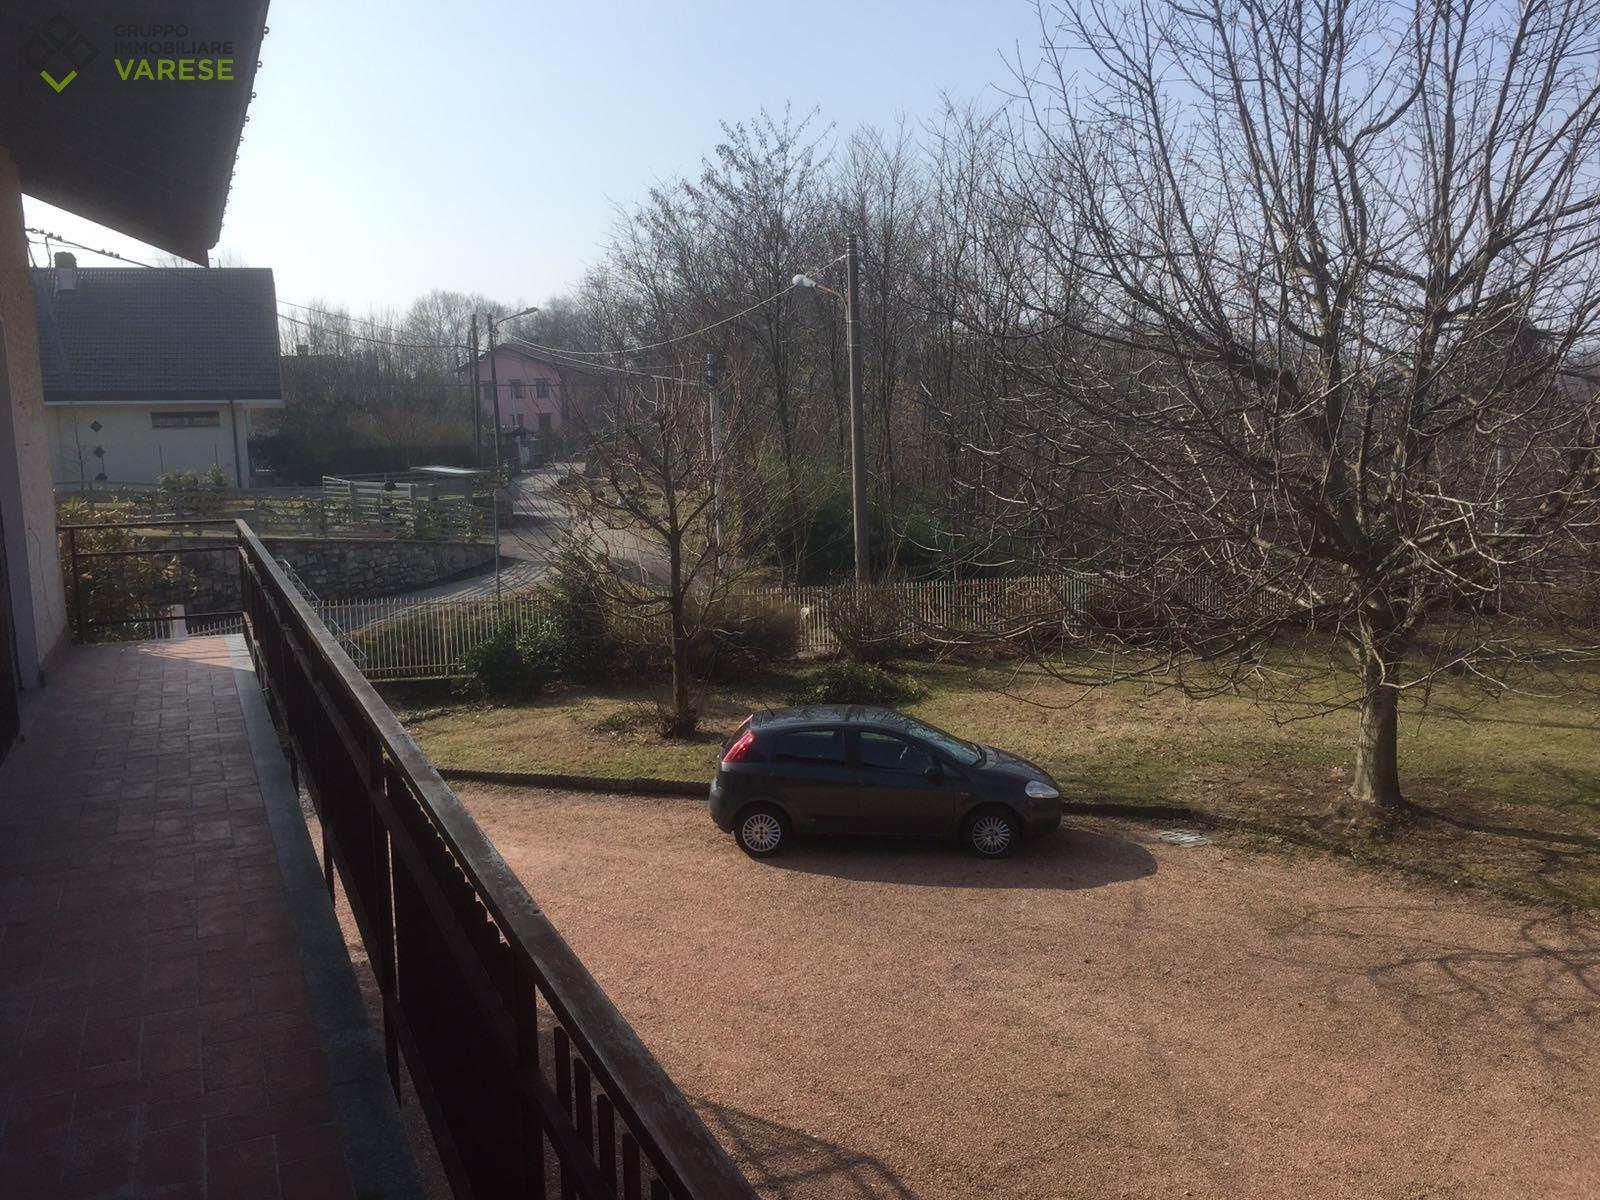 Appartamento in affitto a Cocquio-Trevisago, 5 locali, zona Zona: Caldana, prezzo € 800 | CambioCasa.it